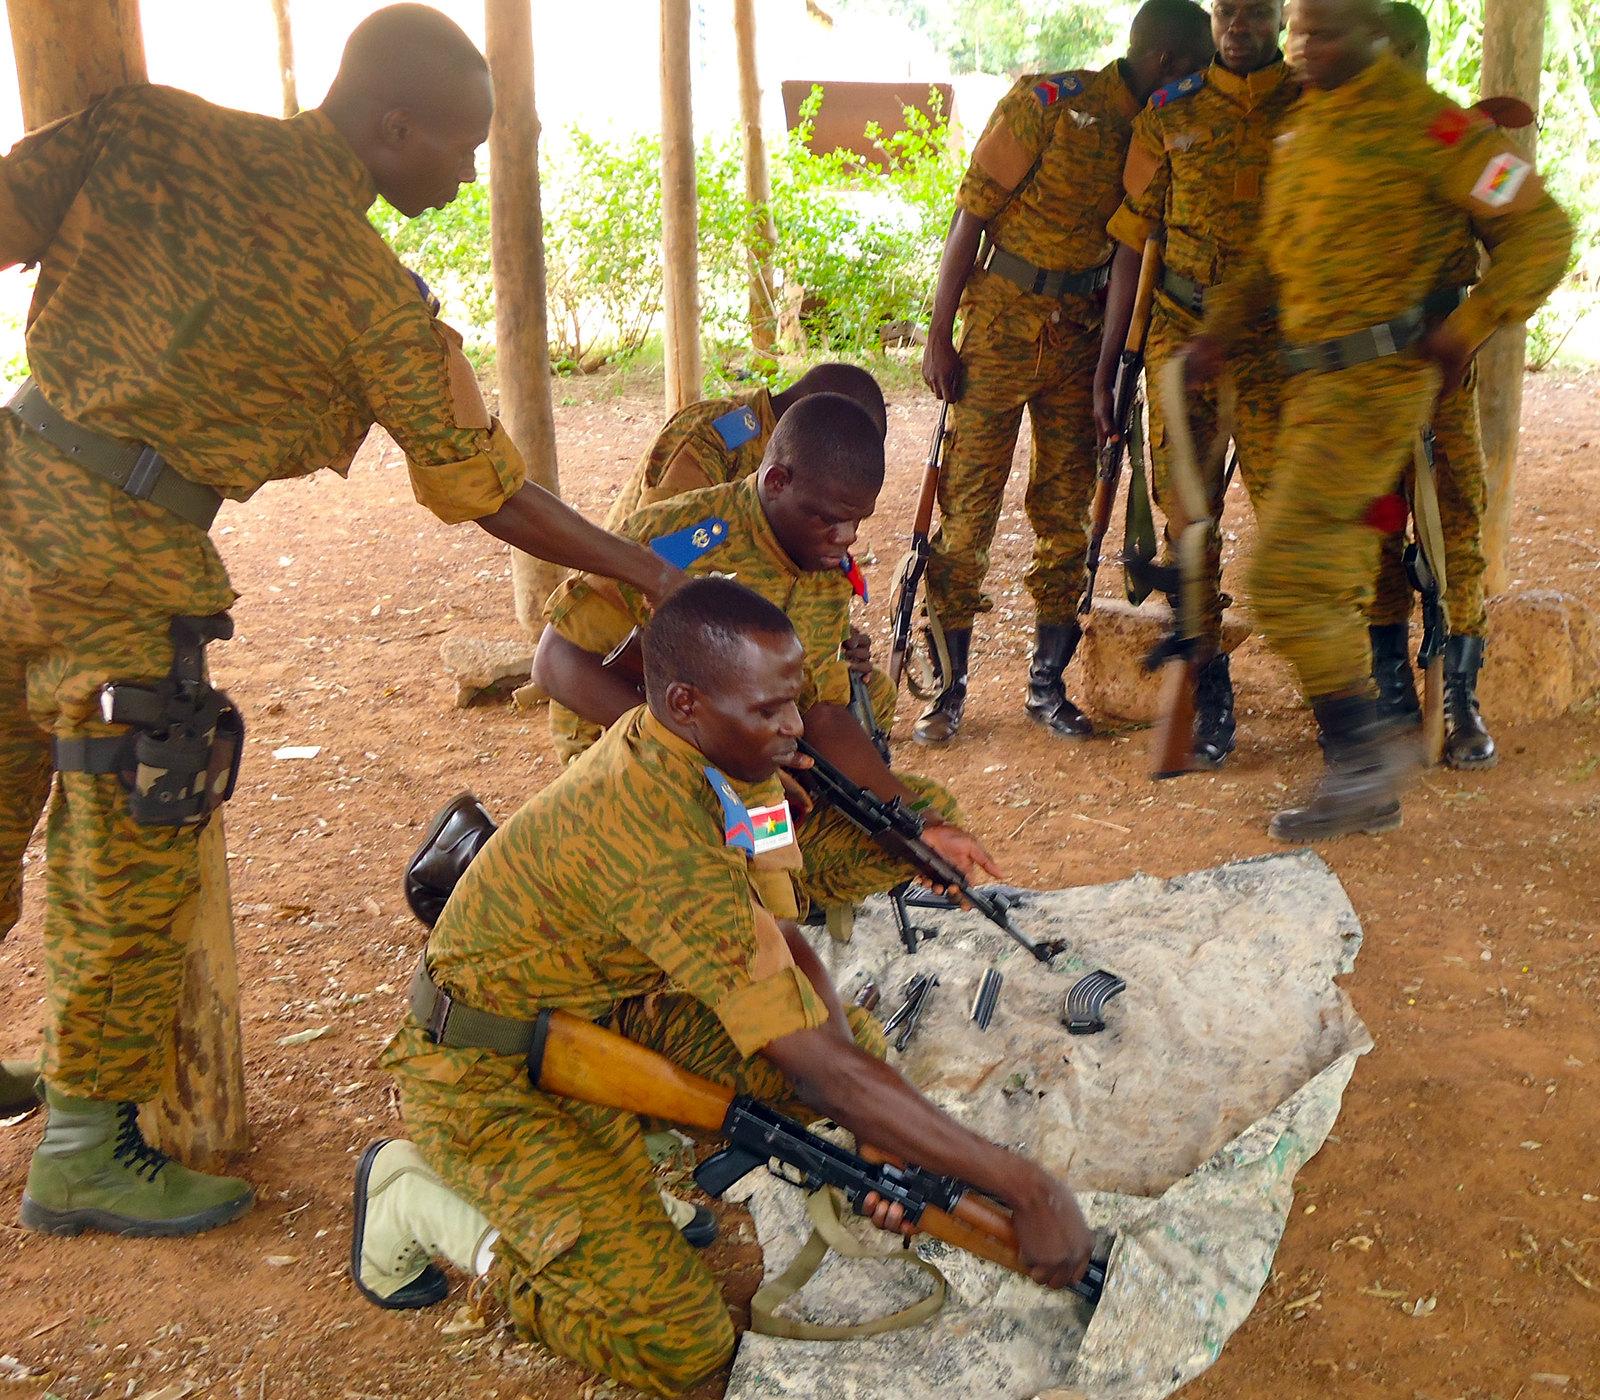 布吉納法索反恐部隊(圖/US Army Africa/CC BY 2.0)